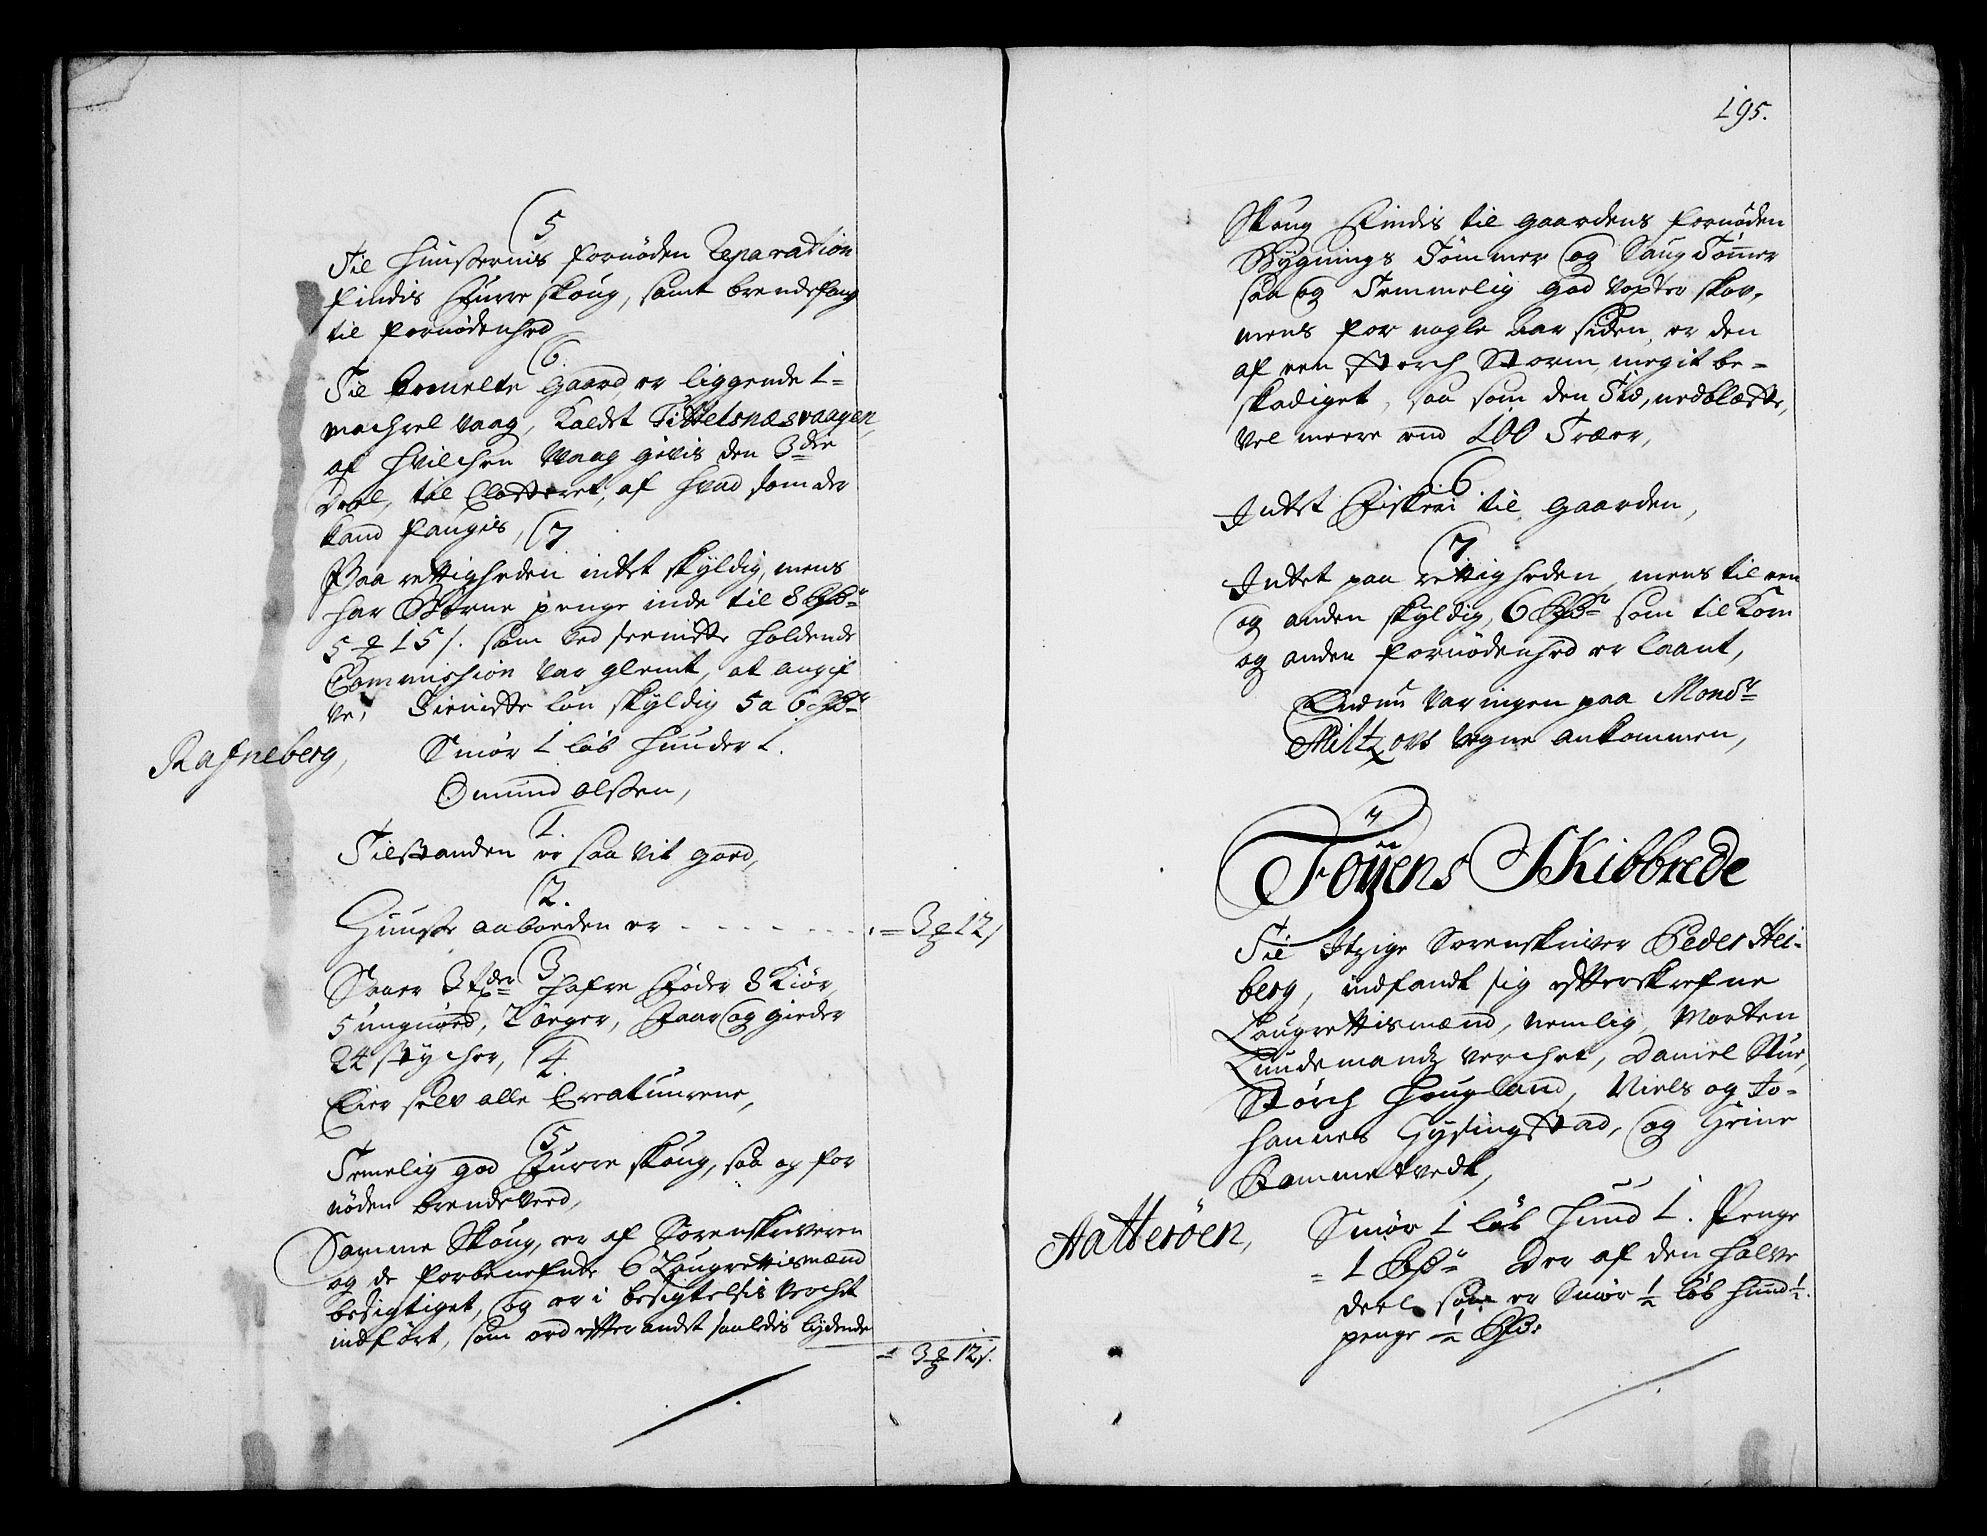 RA, Rentekammeret inntil 1814, Realistisk ordnet avdeling, On/L0003: [Jj 4]: Kommisjonsforretning over Vilhelm Hanssøns forpaktning av Halsnøy klosters gods, 1712-1722, s. 194b-195a